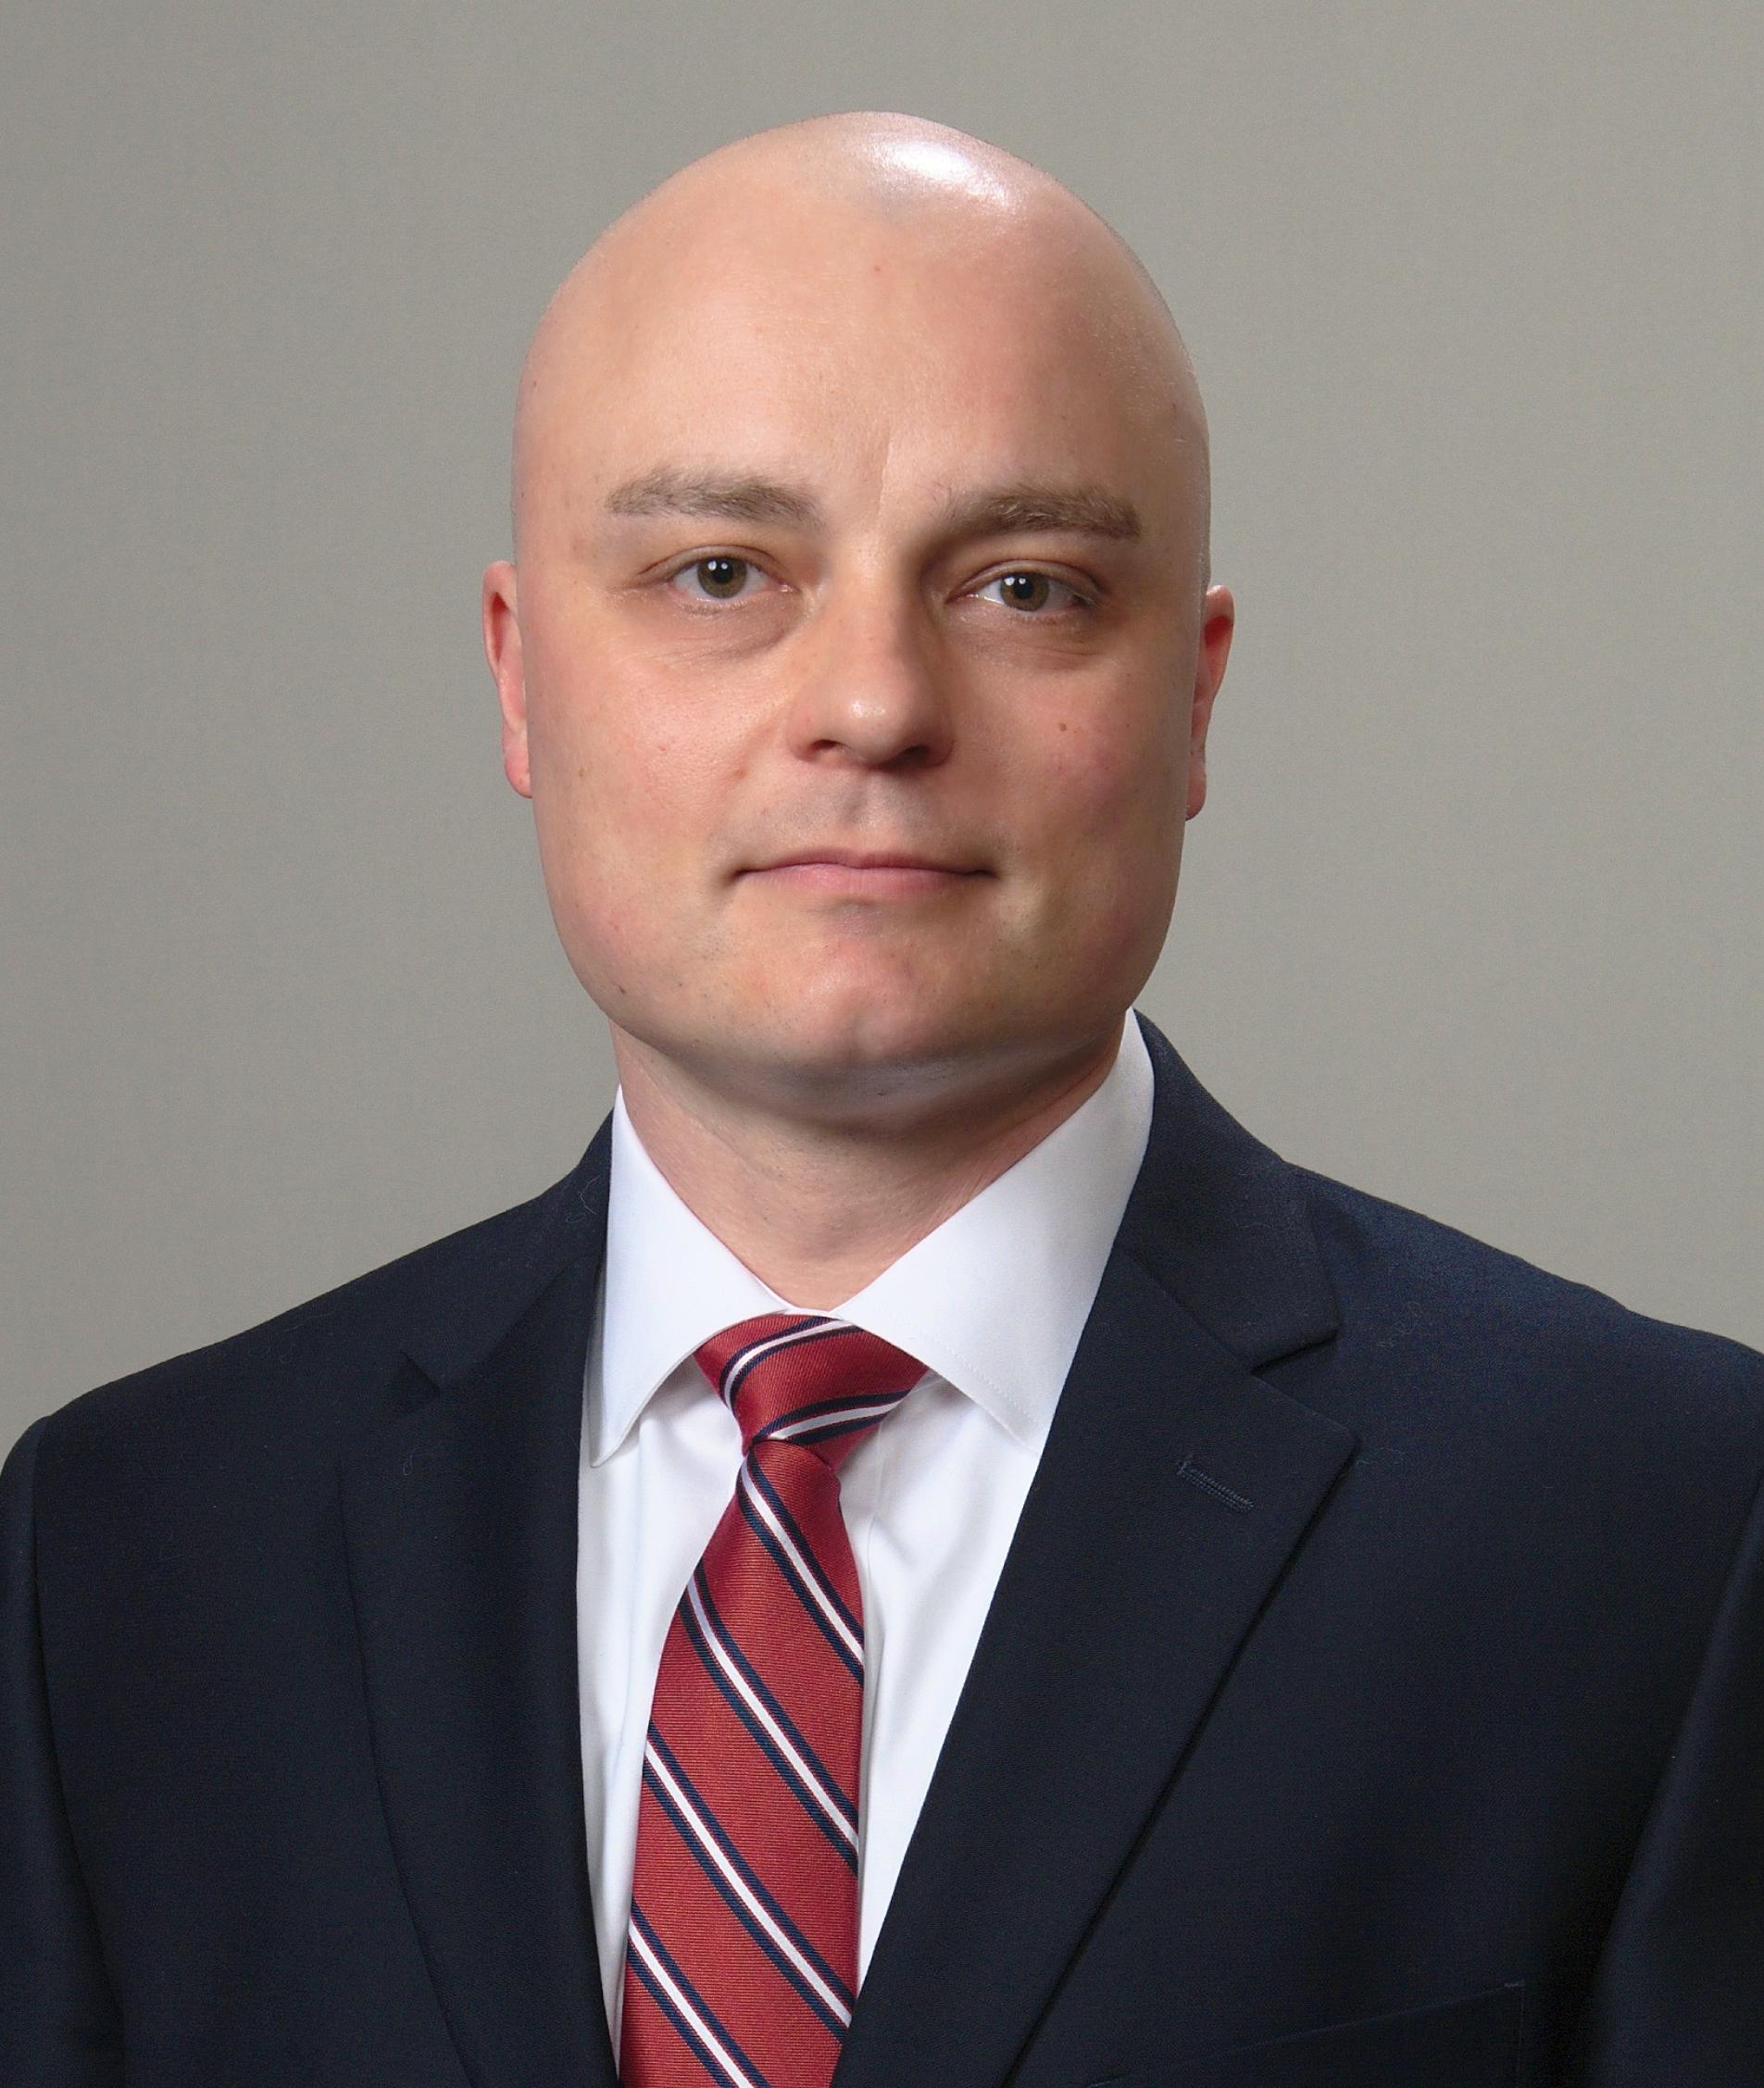 Derek Mydlarz, MD, MPH